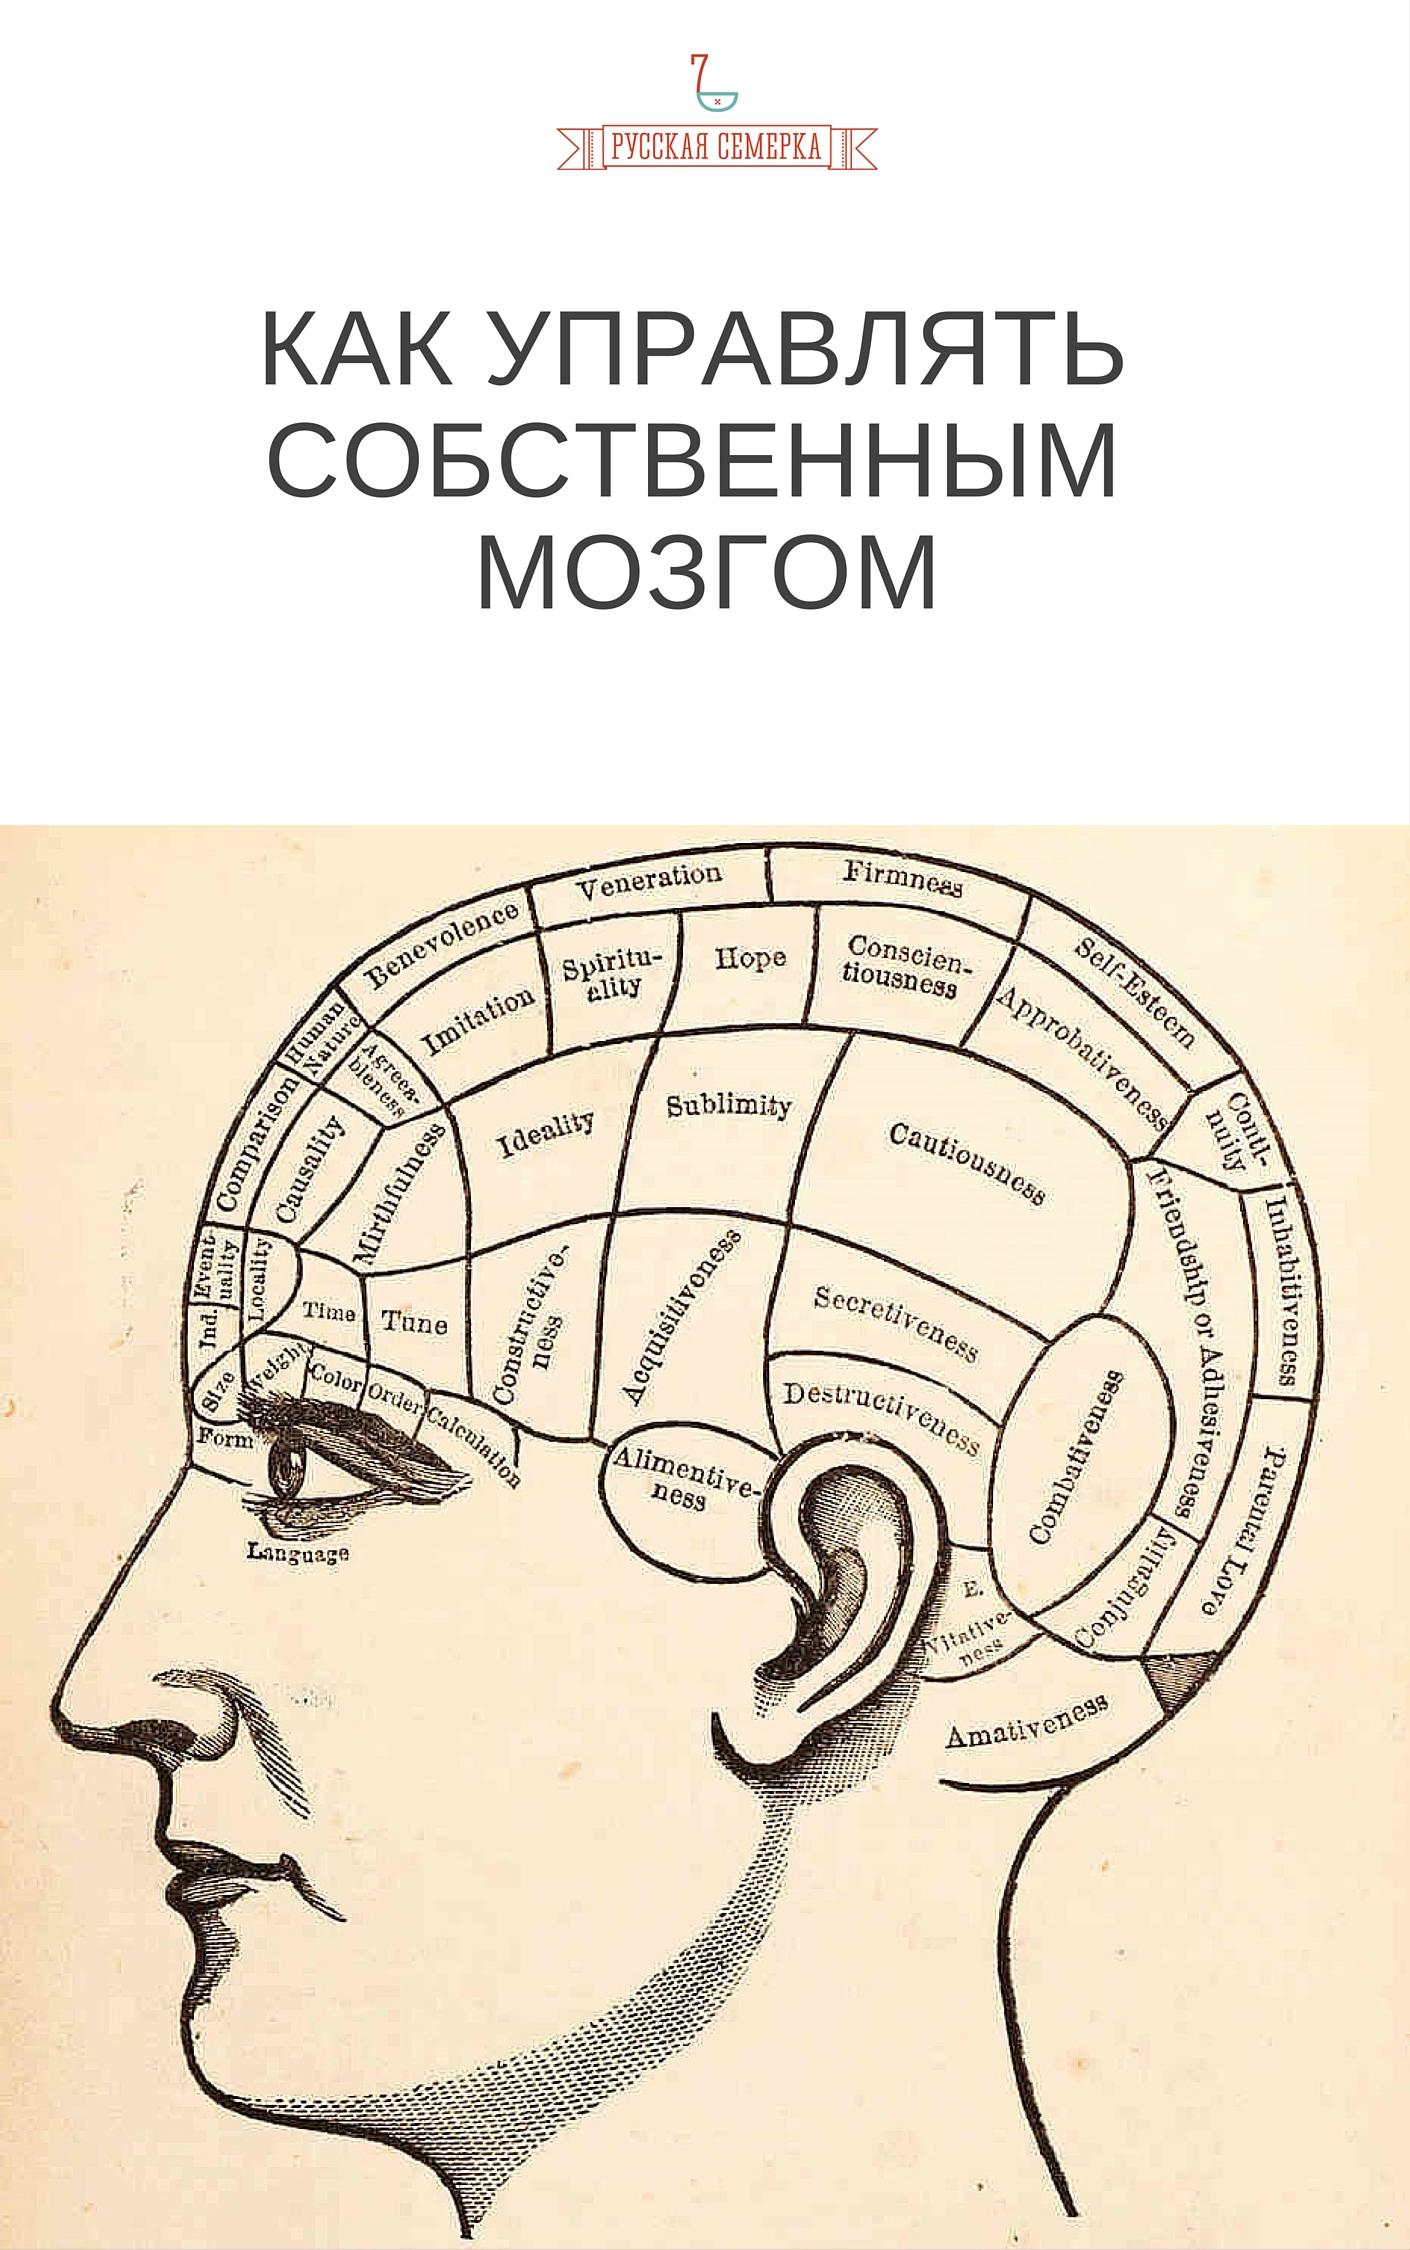 Коллектив авторов «Как управлять собственным мозгом»